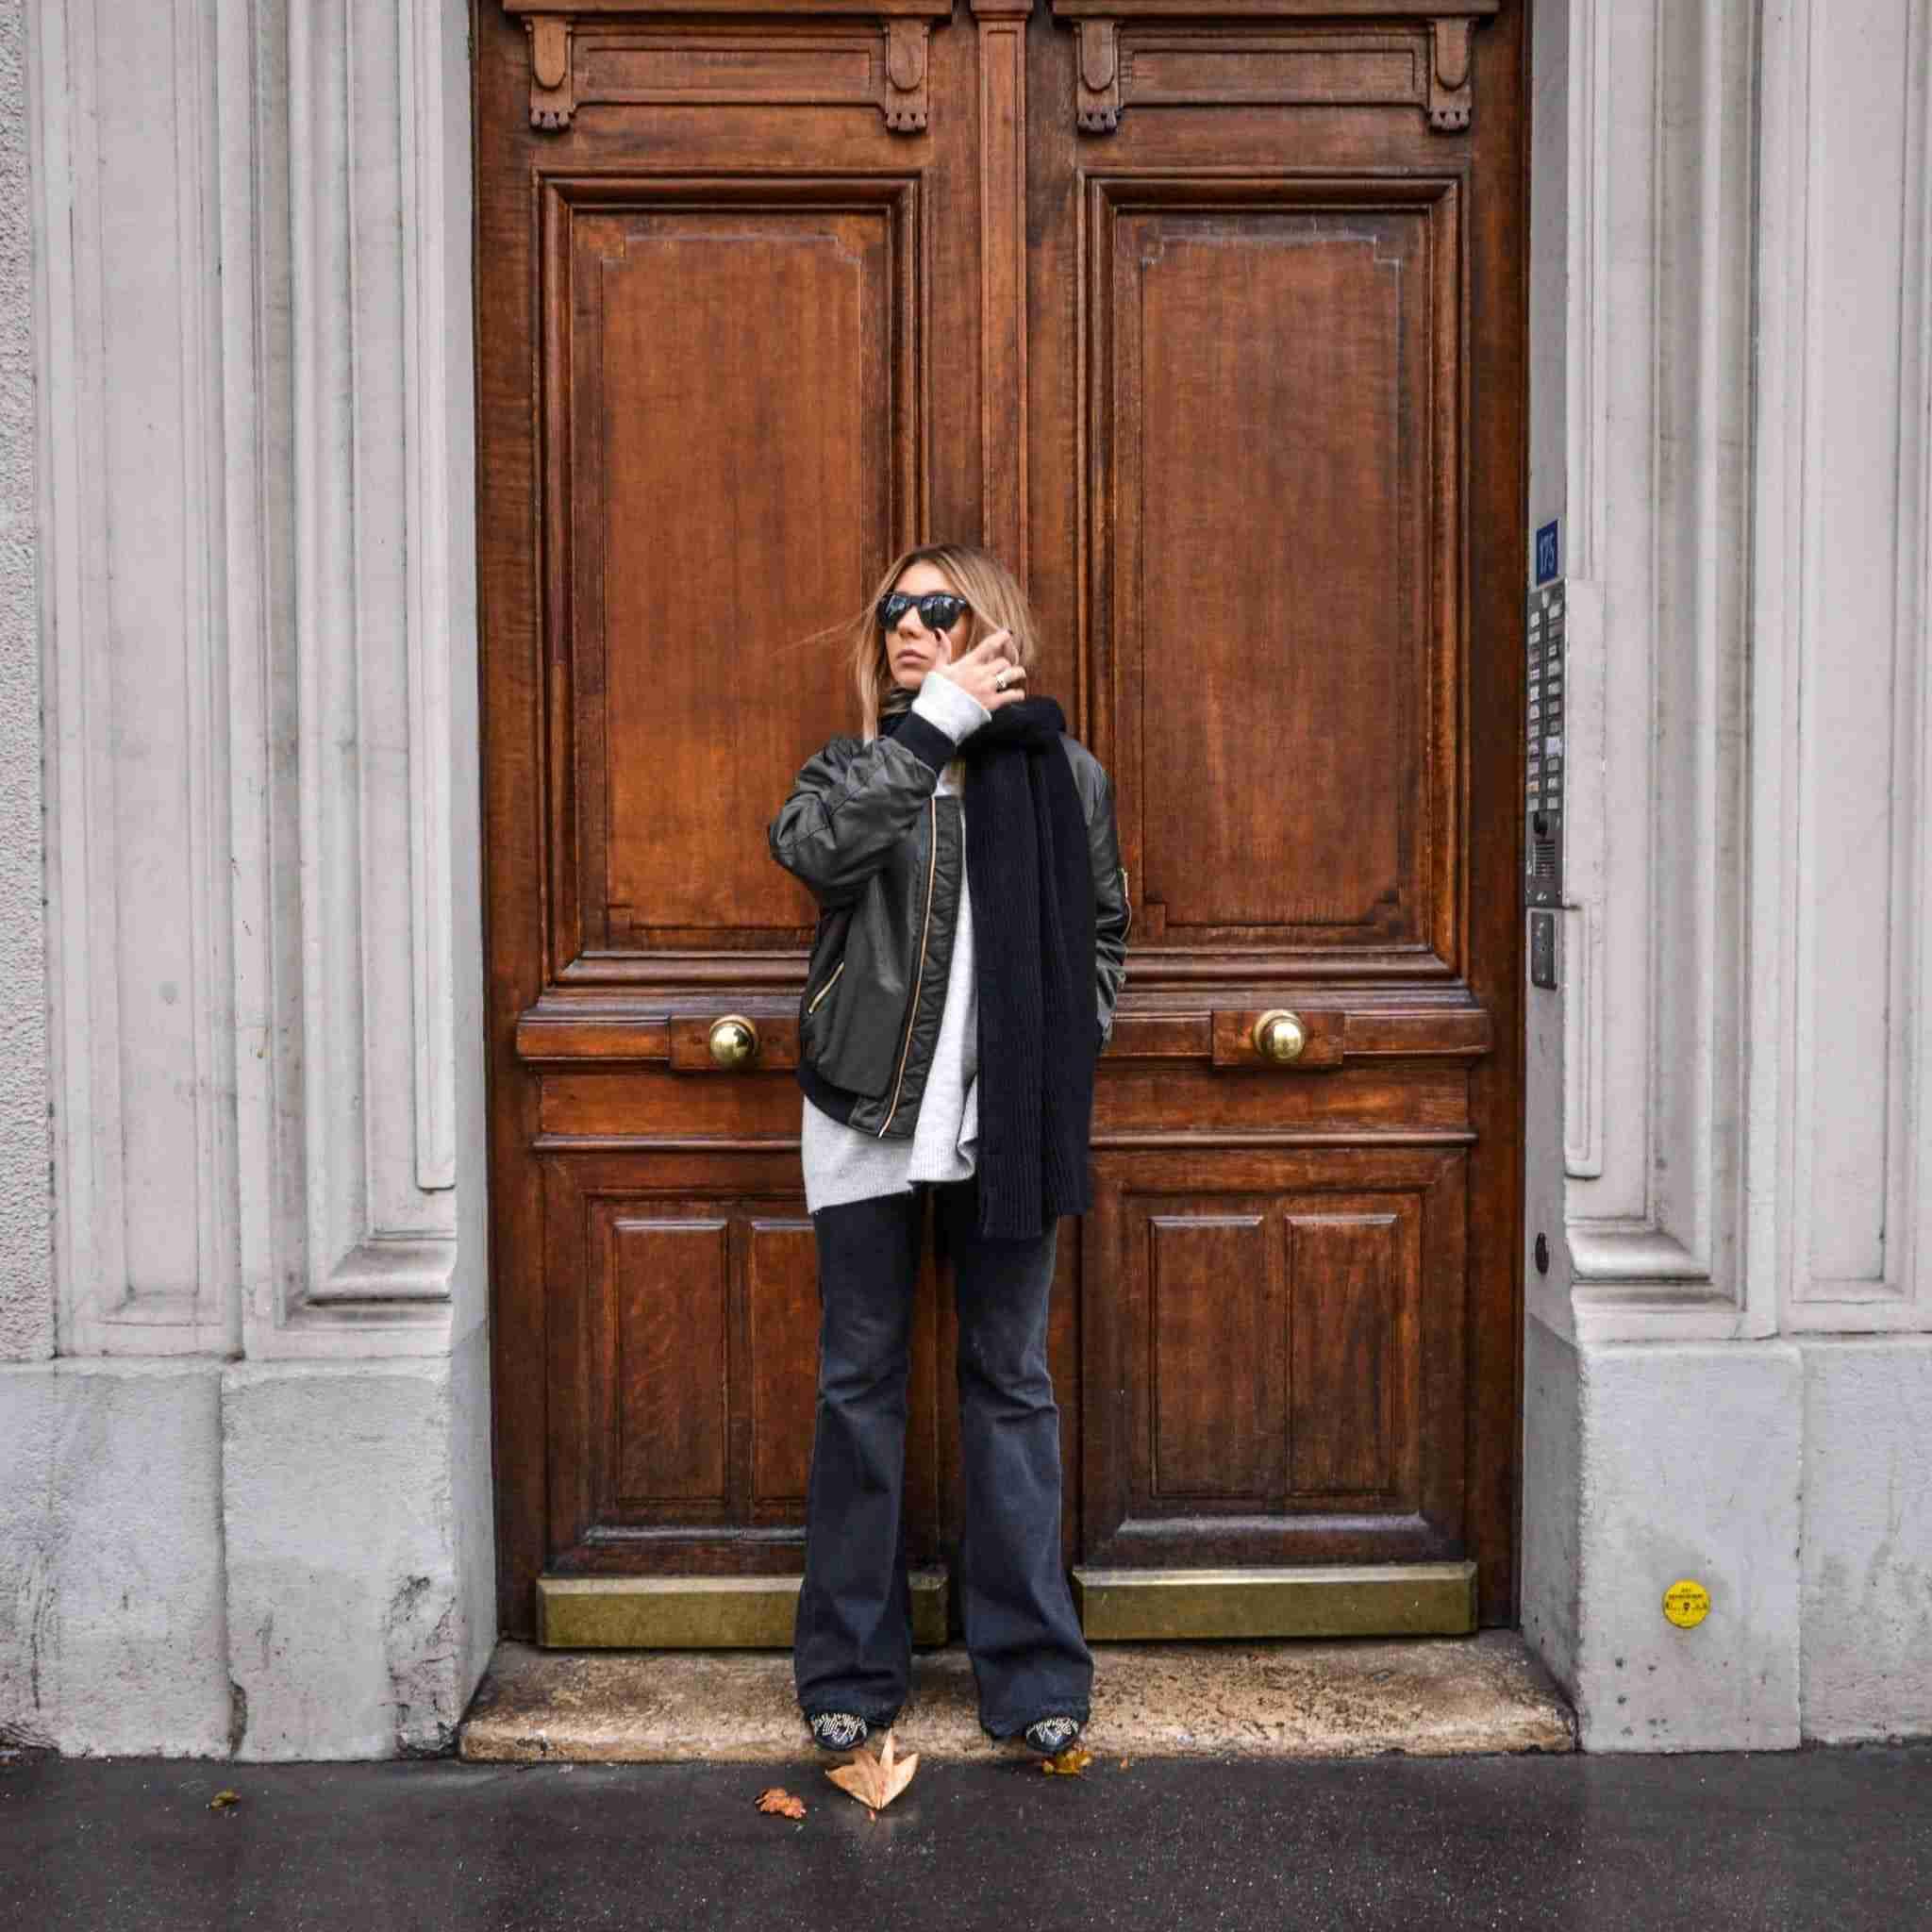 Paryż, piękne drzwi, biało-czarna stylizacja